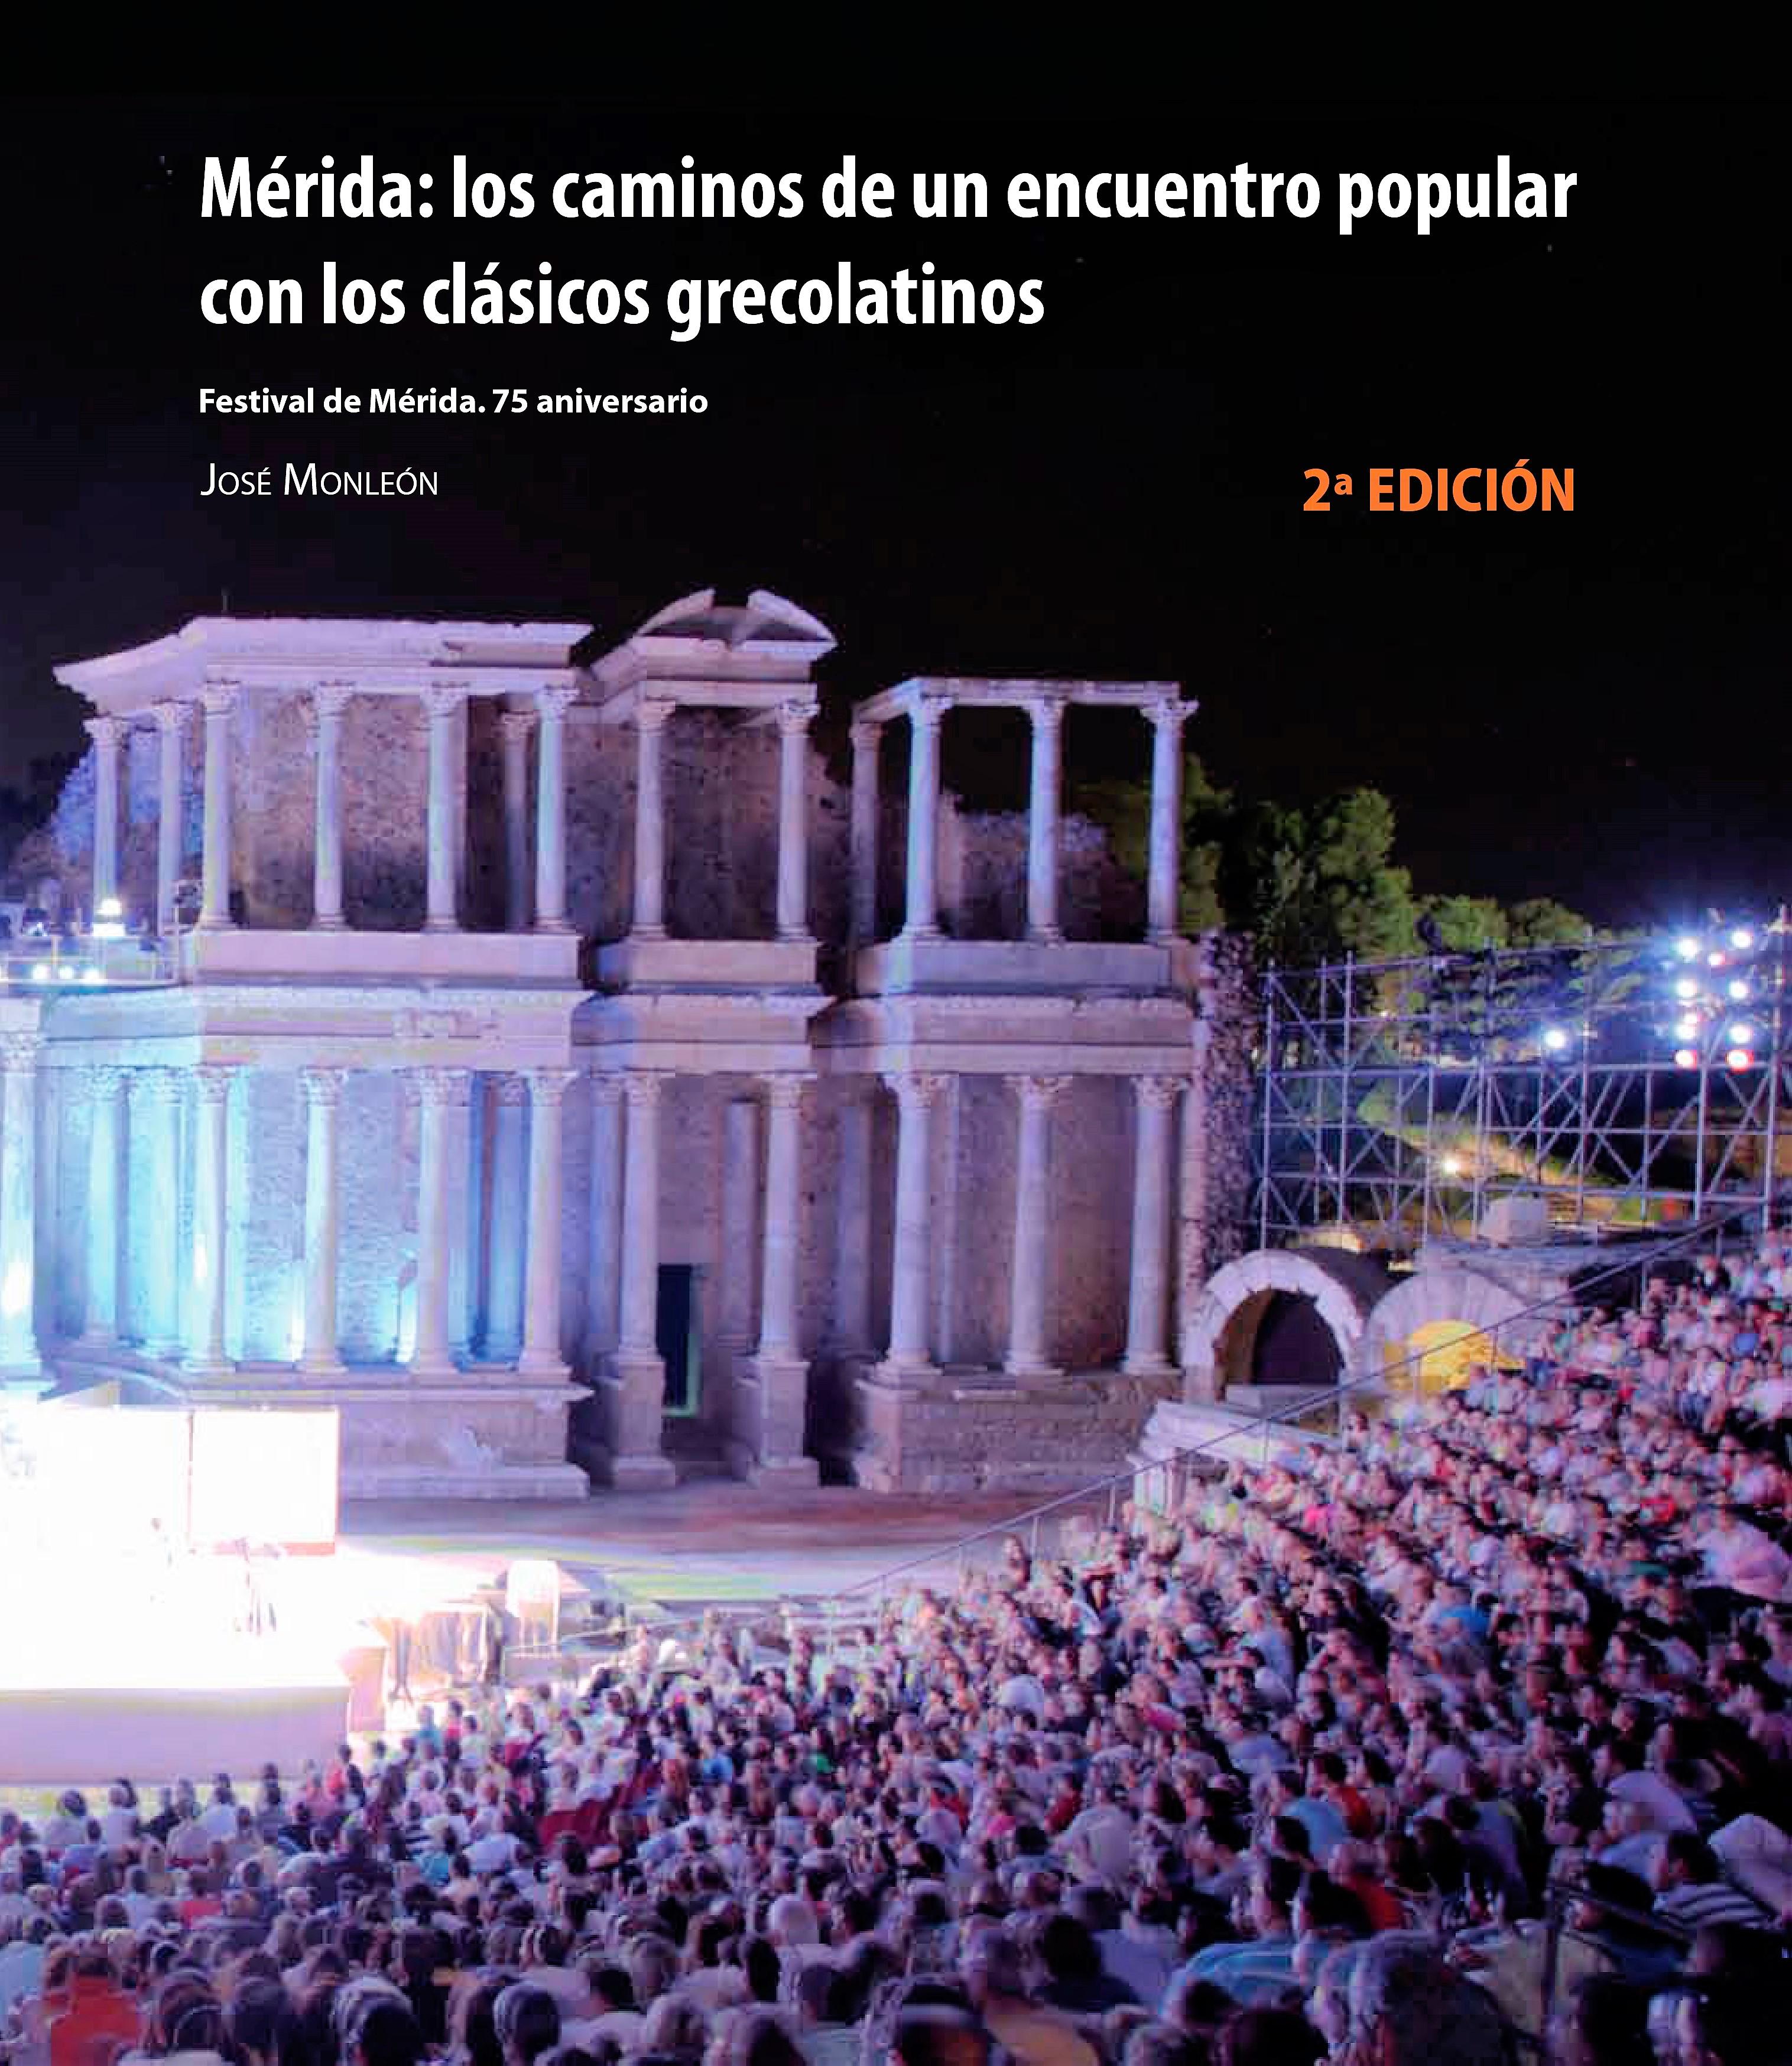 Segunda edición del libro sobre la historia del festival (1933-2010).